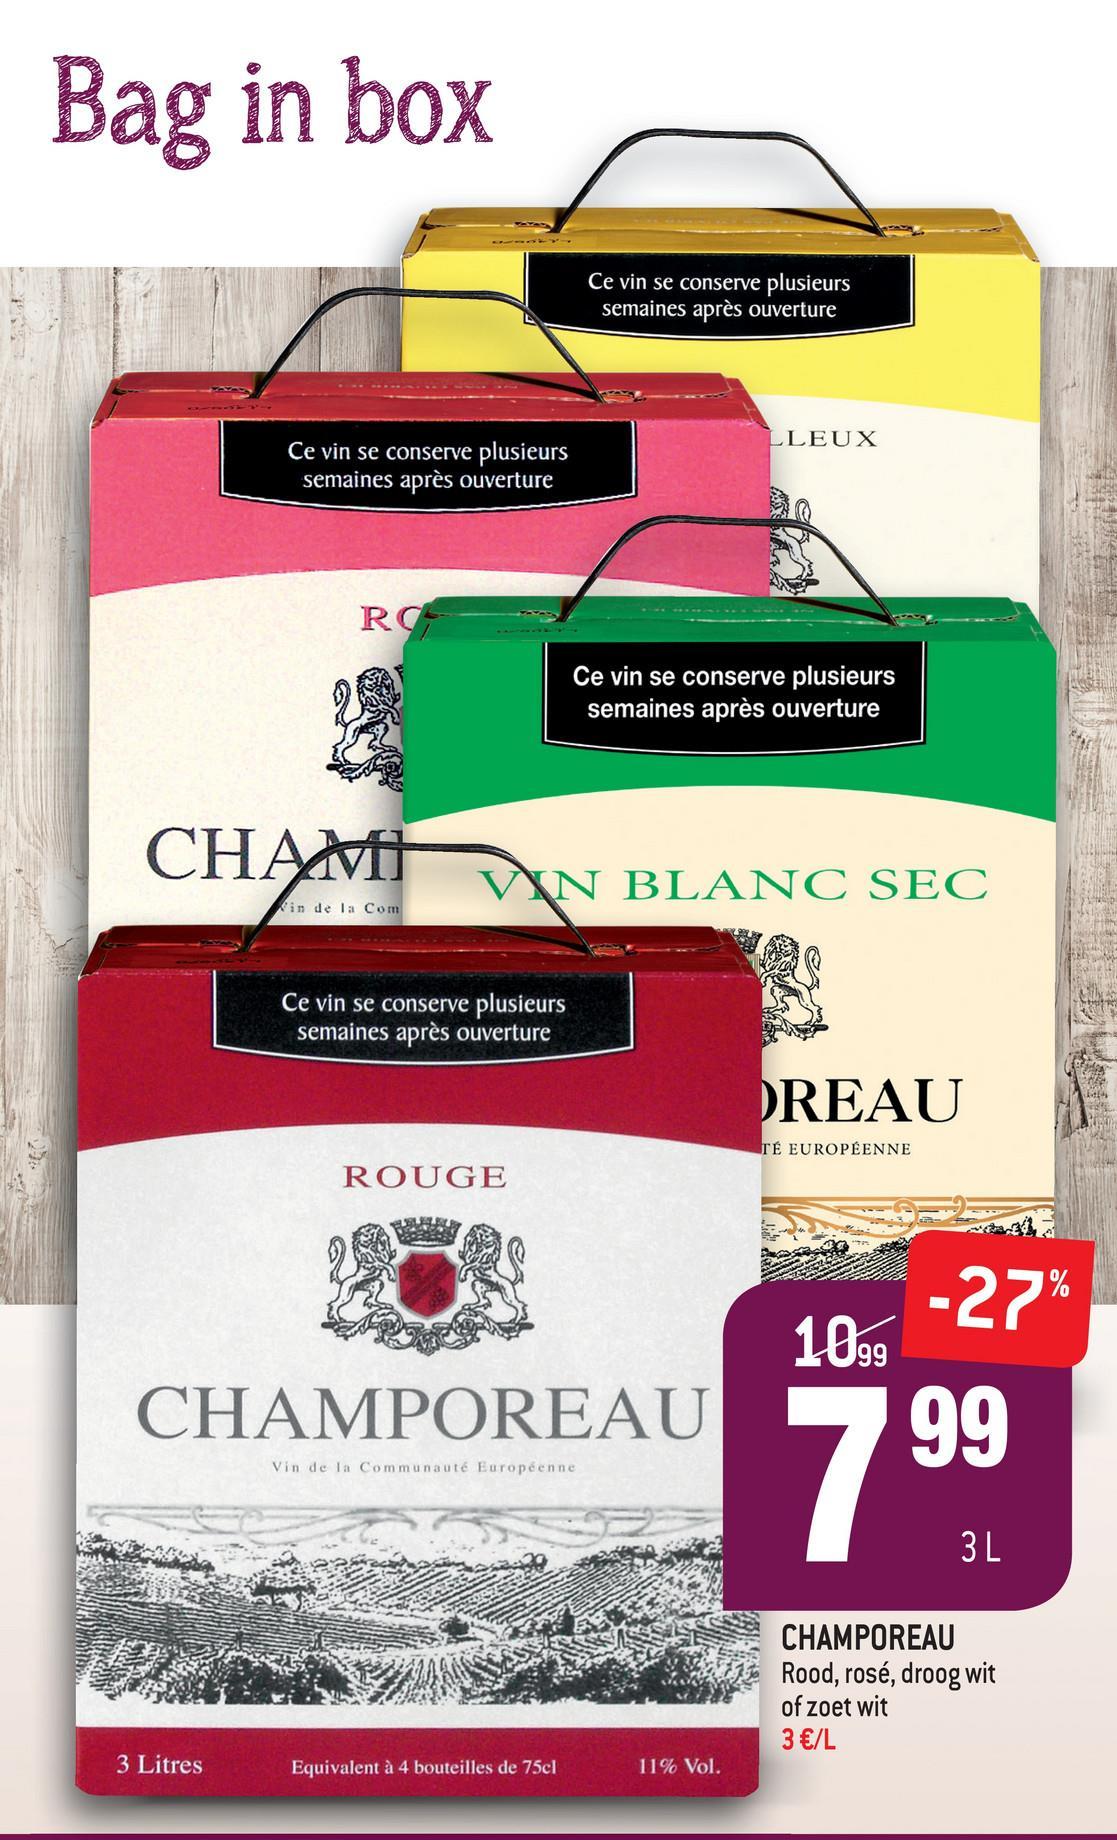 Bag in box Ce vin se conserve plusieurs semaines après ouverture LLEUX Ce vin se conserve plusieurs semaines après ouverture Ce vin se conserve plusieurs semaines après ouverture CHAUVIN BLANC SEC in de la Com Ce vin se conserve plusieurs semaines après ouverture DREAU TÉ EUROPÉENNE ROUGE 10 -27% CHAMPOREAU Vin de la Communauté Européenne A S CHAMPOREAU Rood, rosé, droog wit of zoet wit 3 €/L Rood, rosé, droog wit 3 Litres Equivalent à 4 bouteilles de 75cl 11% Vol.